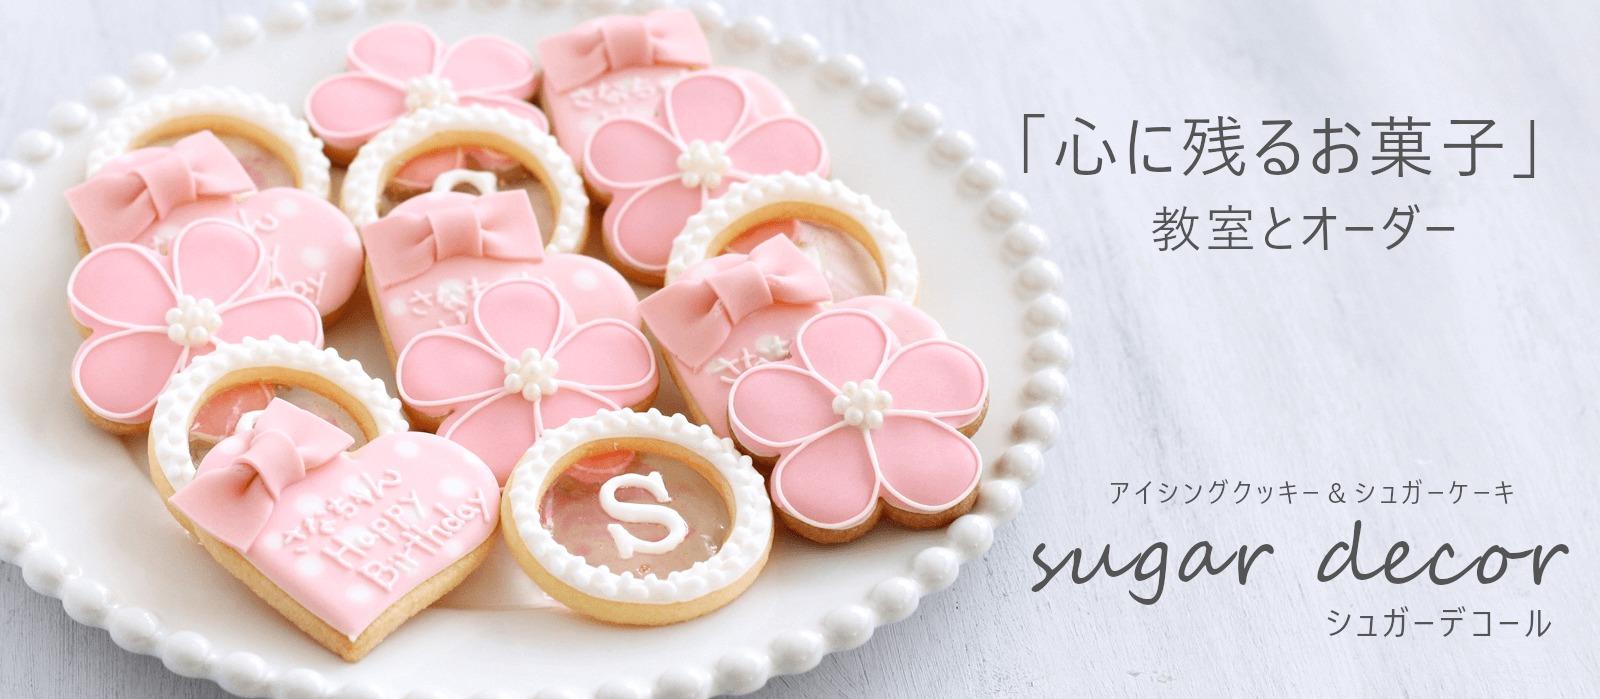 福岡アイシングクッキー教室